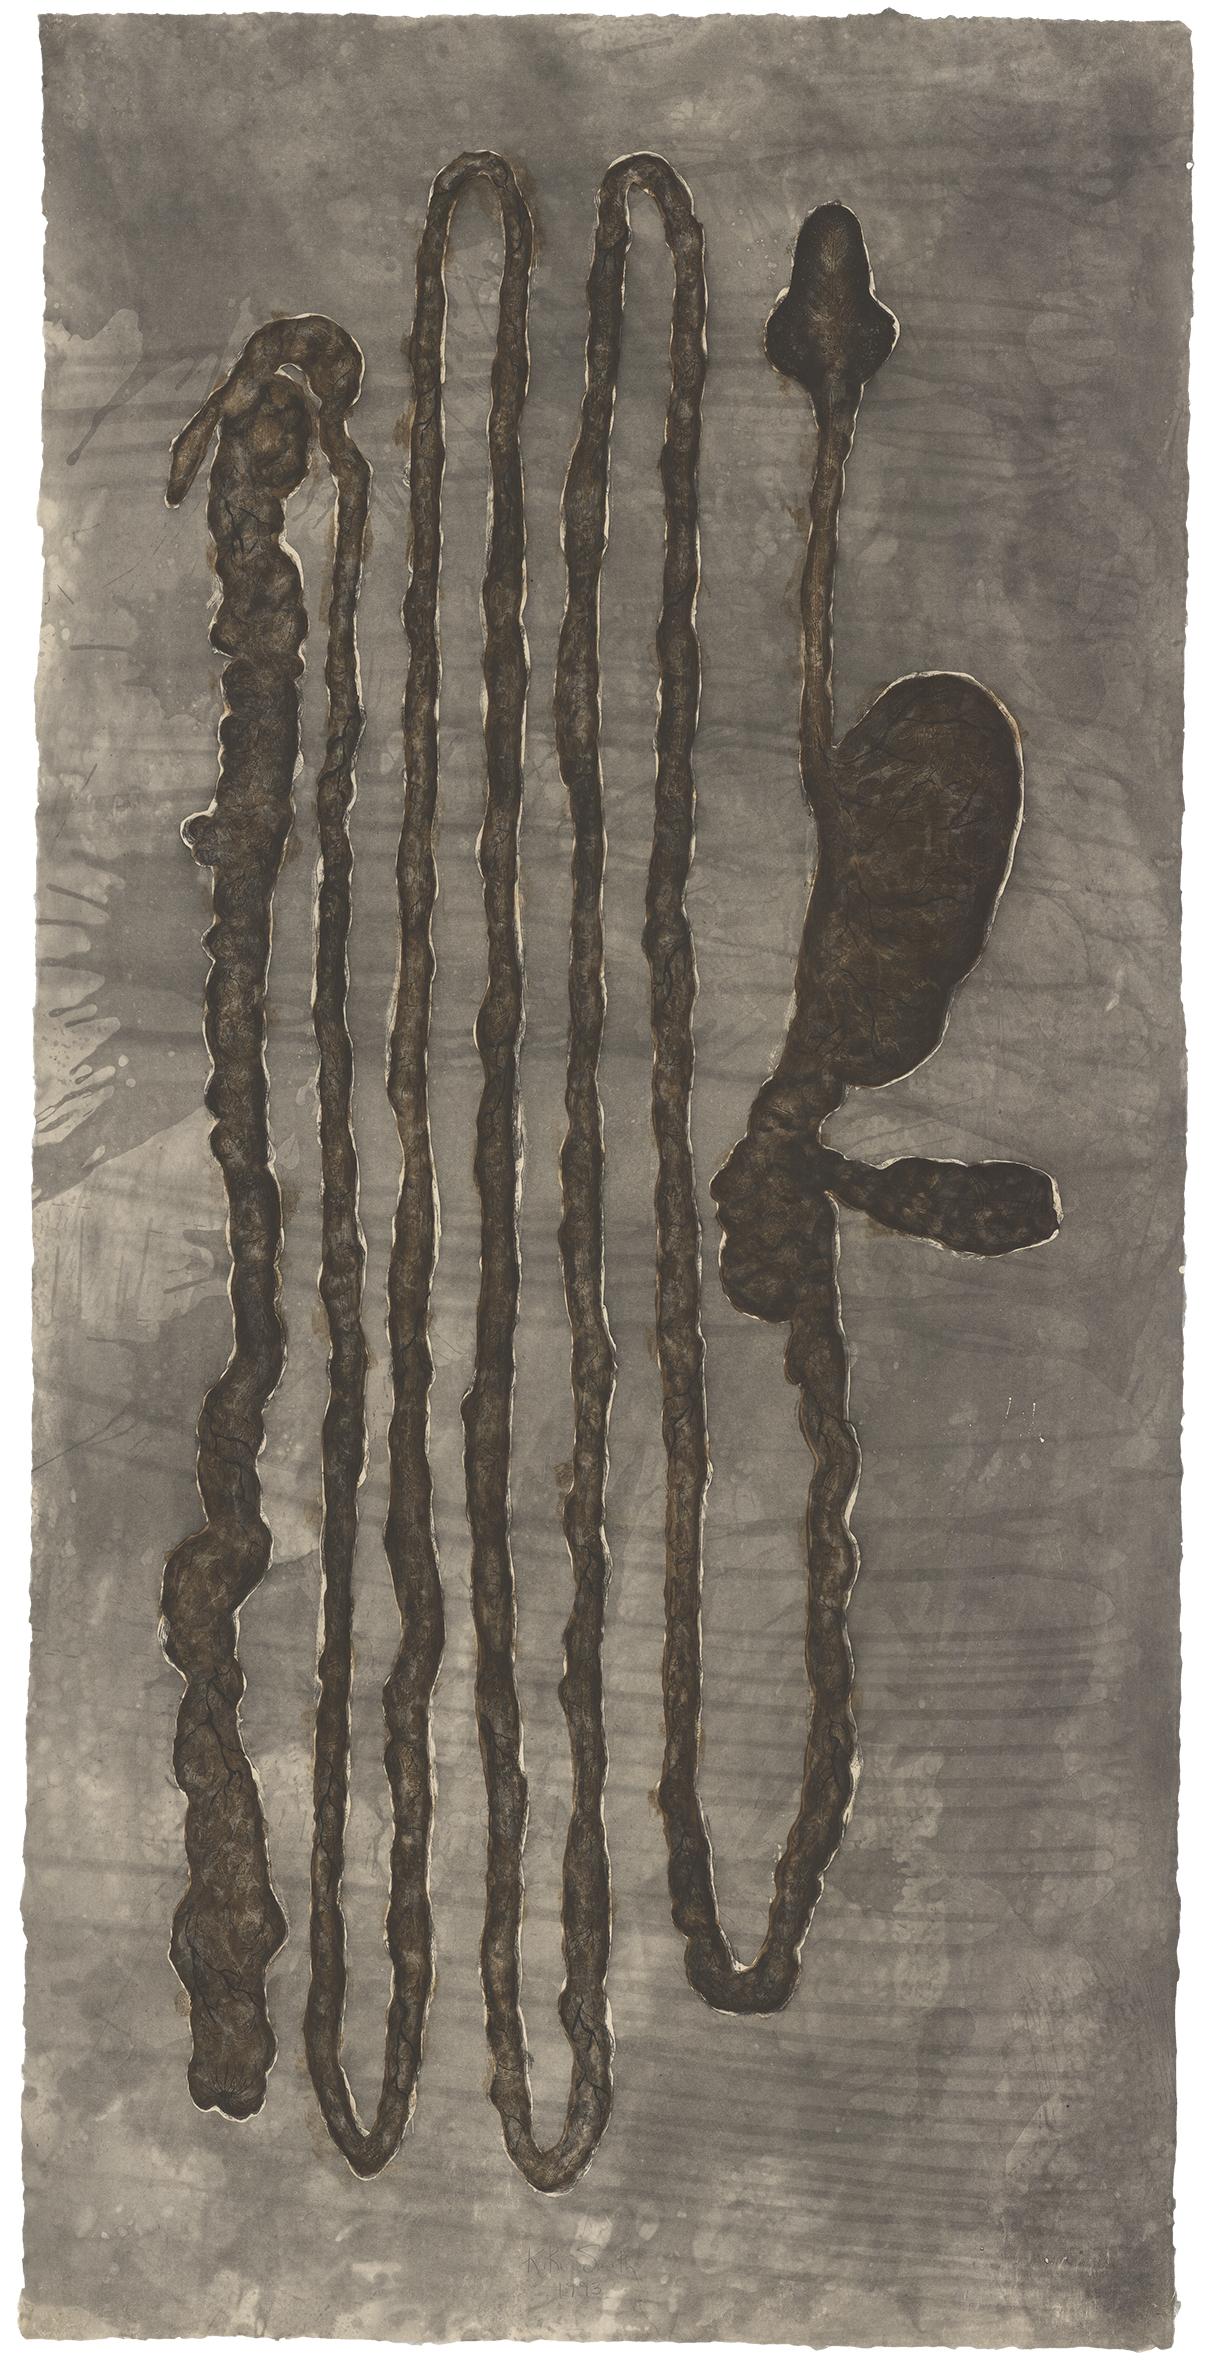 Kiki Smith Kiki Smith 1993, 1993 Gravure sur papier japonais, 33 exemplaires + 10 EA + 3 PP 185,5 x 93 cm, courtesy Galerie Lelong Paris